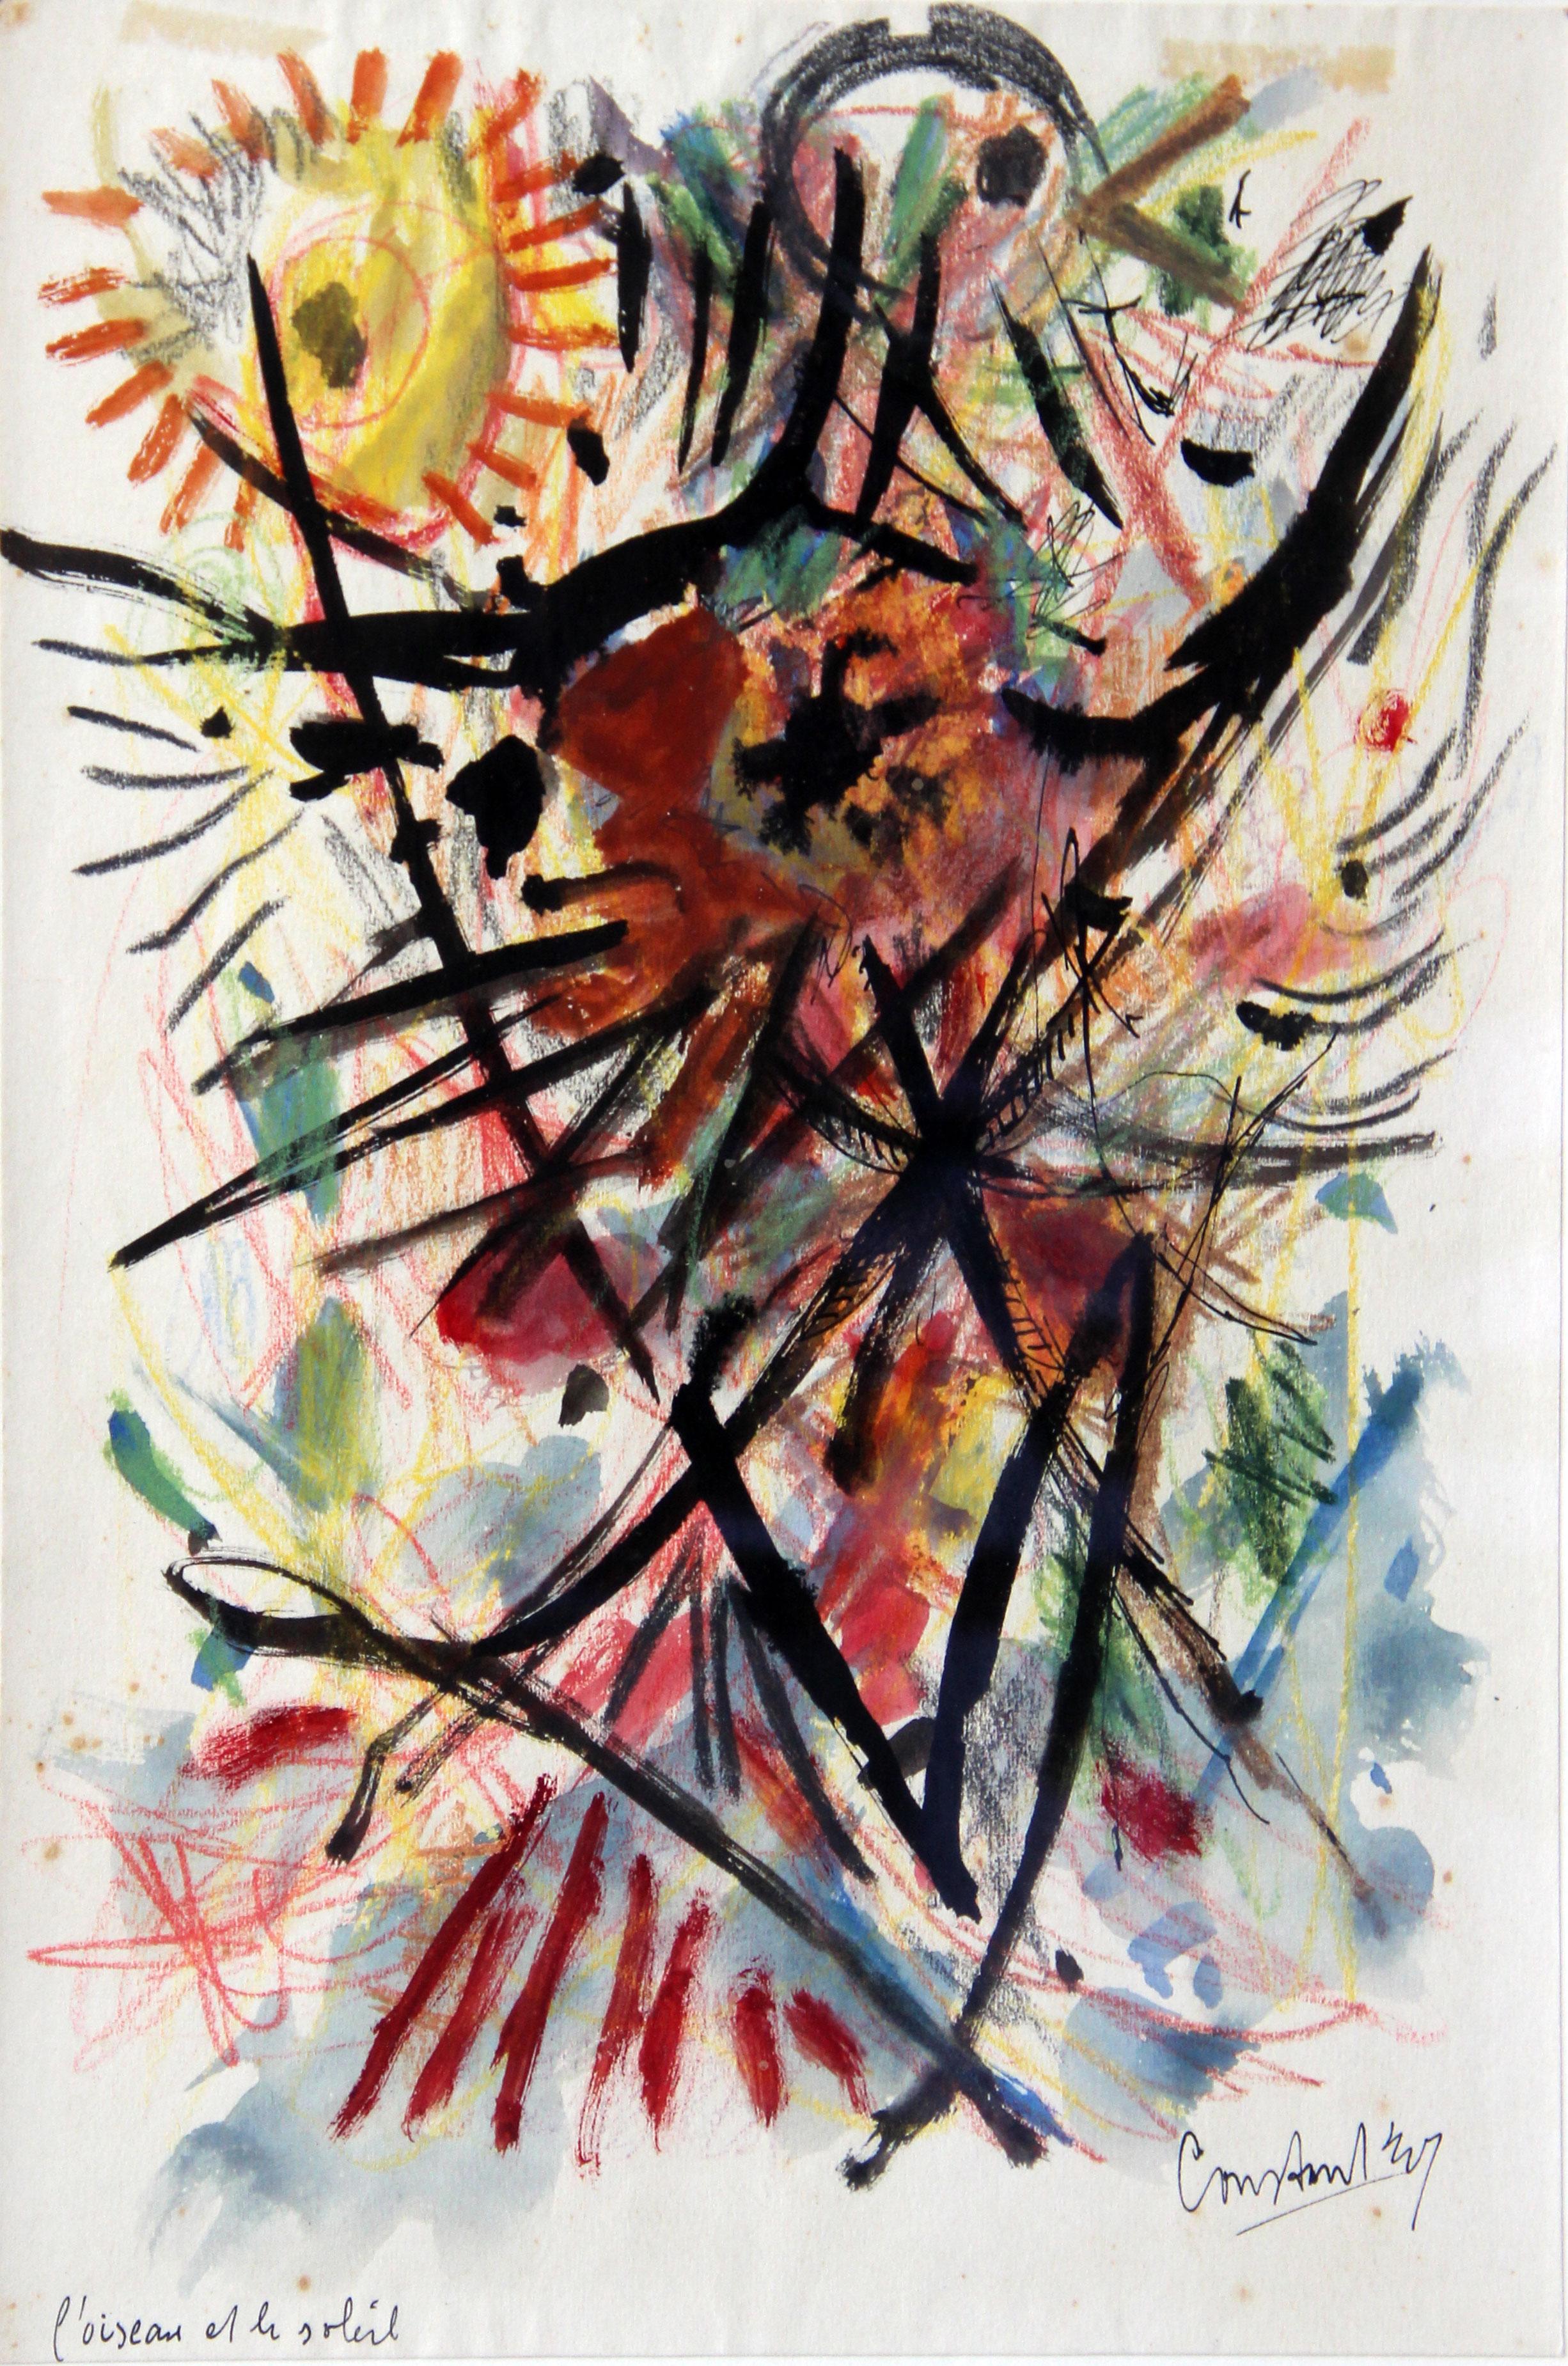 L'oiseau et le Soleil- Constant (Amsterdam, 21 juli 1920 – Utrecht, 1 augustus 2005) Constant Anton Nieuwenhuijs